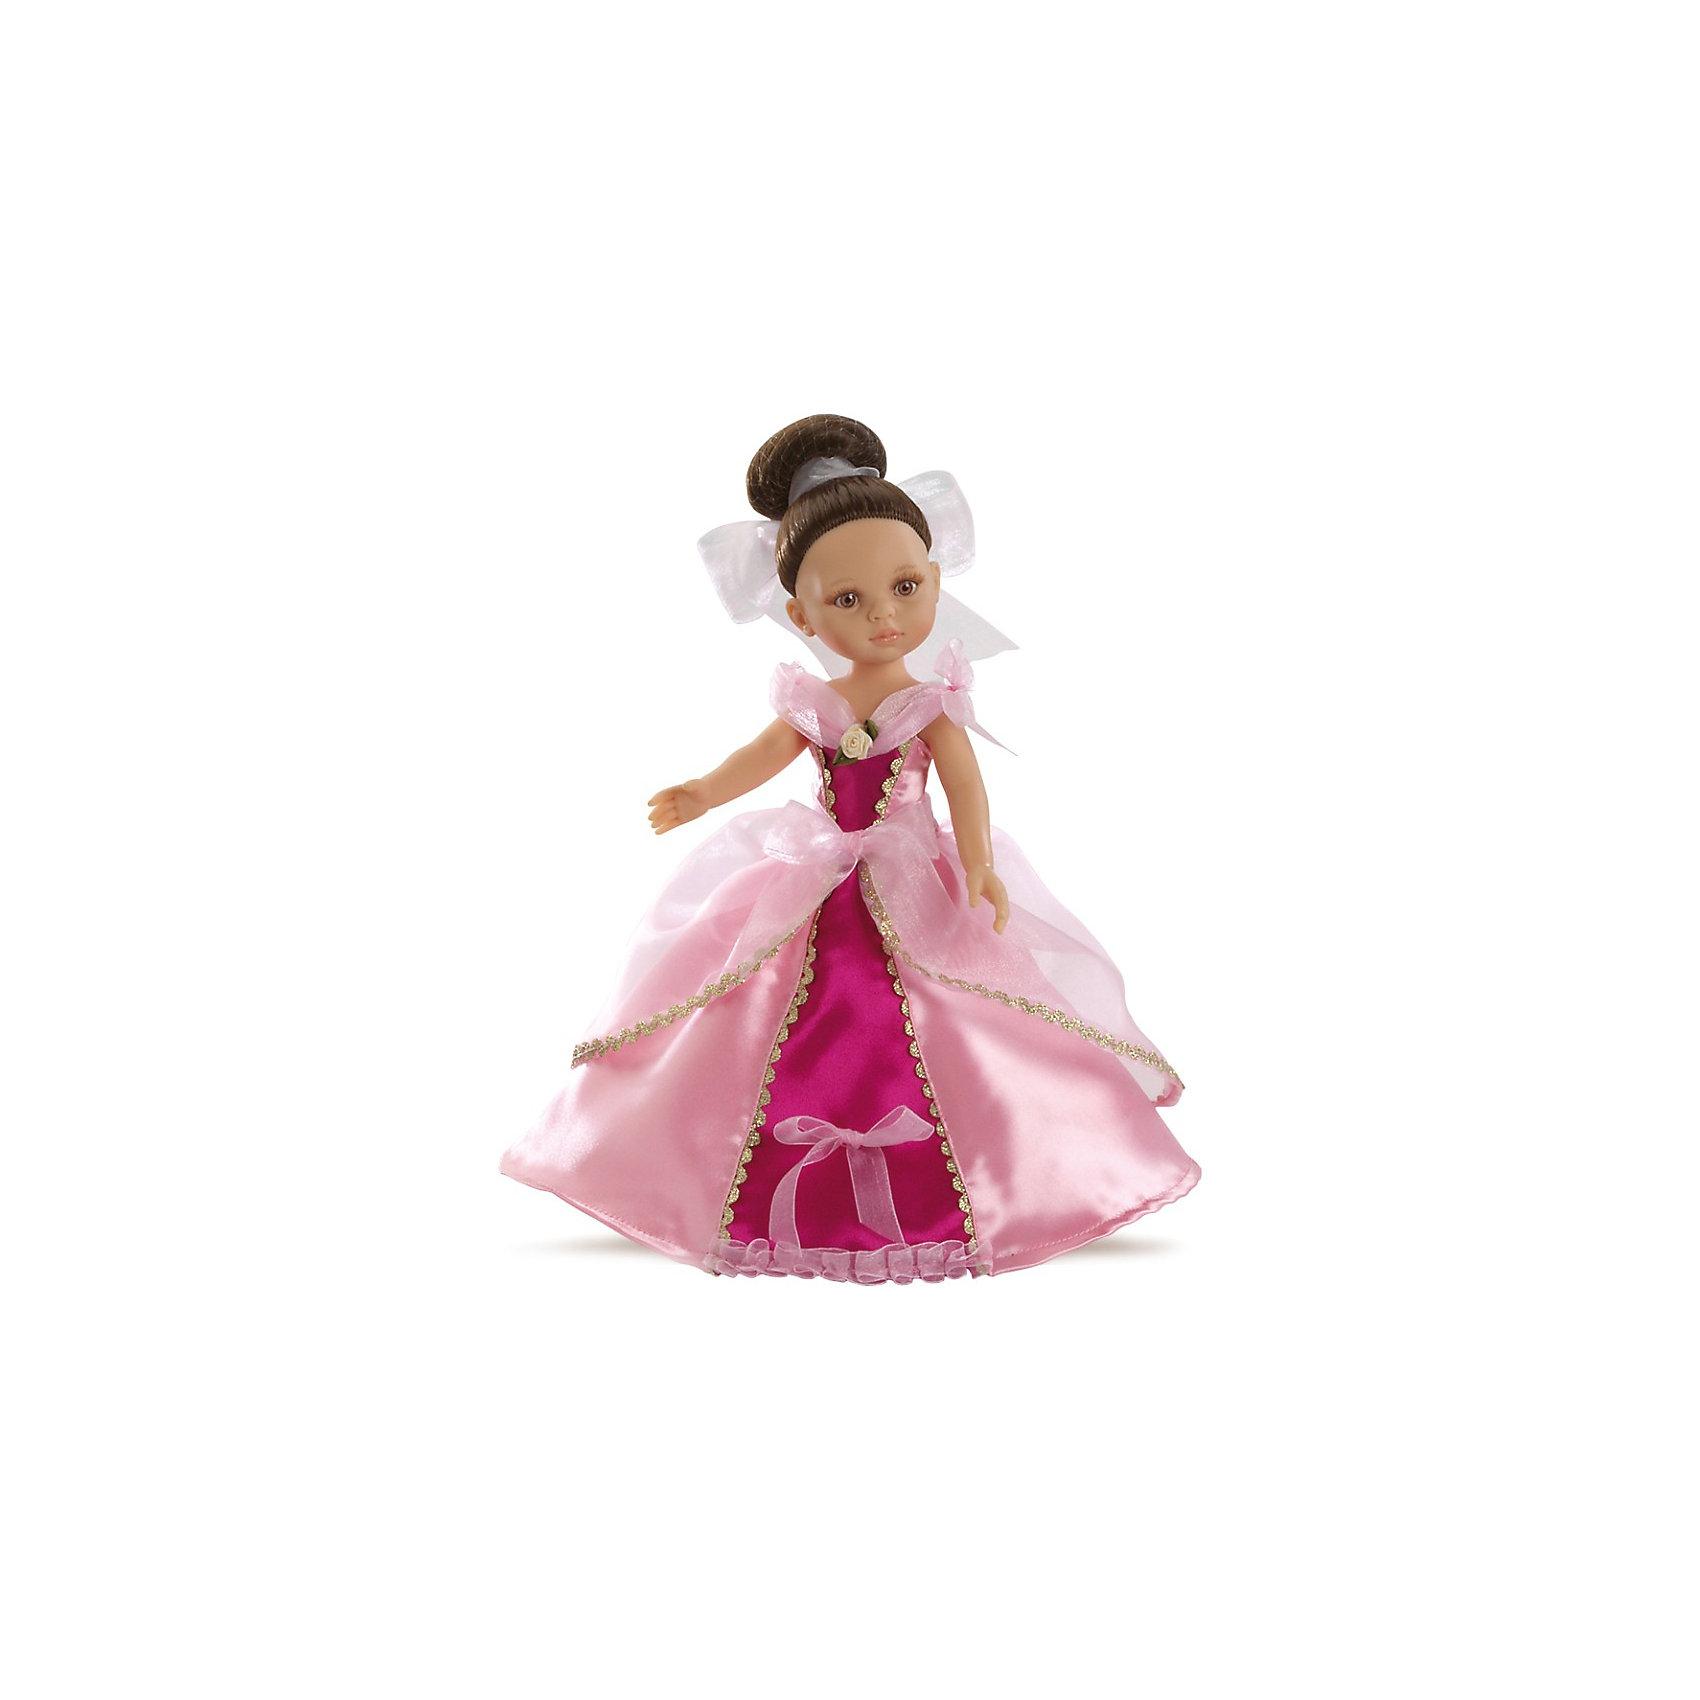 Кукла Кэрол, 32см, Paola ReinaКуклы<br>Кукла Кэрол, 32см, Paola Reina (Паола Рейна) - настоящая принцесса, в очень роскошном, изысканном платье. В платье Кэрол сочетается нежно-розовый и ярко-розовый цвет. Оно декорировано золотой тесьмой и маленькой розочкой на воротнике. Темные волосы Кэрол собраны в элегантный пучок и завязаны белой атласной лентой. Дополняет образ нежный аромат ванили. Кукла имеет уникальный, неповторимый дизайн лица и тела - все мельчайшие делали идеально выполнены и проработаны.<br>Кукла отличается высоким качеством и производится из высококачественного винила без вредных эфирных соединений и безопасна для детей.<br><br>Дополнительная информация:<br><br>- Ручная работа (ресницы, веснушки, щечки, губы, прическа) делает кукол от Paola Reina настолько натуральными, что их лицо выглядит совсем как живое<br>- Ножки, ручки и голова поворачиваются<br>- Глаза не закрываются<br>- Волосы очень похожи на натуральные, они легко расчесываются и блестят<br>- Эксклюзивная одежда из высококачественного текстиля<br>- Материалы: кукла изготовлена из винила, глаза выполнены в виде кристалла из прозрачного твердого пластика, волосы сделаны из высококачественного нейлона<br>- Национальность: европейка<br>- Рост куклы: 32 см.<br>- Упакована в картонную коробку с окошком<br>- Качество подтверждено нормами безопасности EN17 ЕЭС<br><br>Куклу Кэрол, 32см, Paola Reina (Паола Рейна) можно купить в нашем интернет-магазине.<br><br>Ширина мм: 120<br>Глубина мм: 240<br>Высота мм: 410<br>Вес г: 708<br>Возраст от месяцев: 36<br>Возраст до месяцев: 144<br>Пол: Женский<br>Возраст: Детский<br>SKU: 3816416